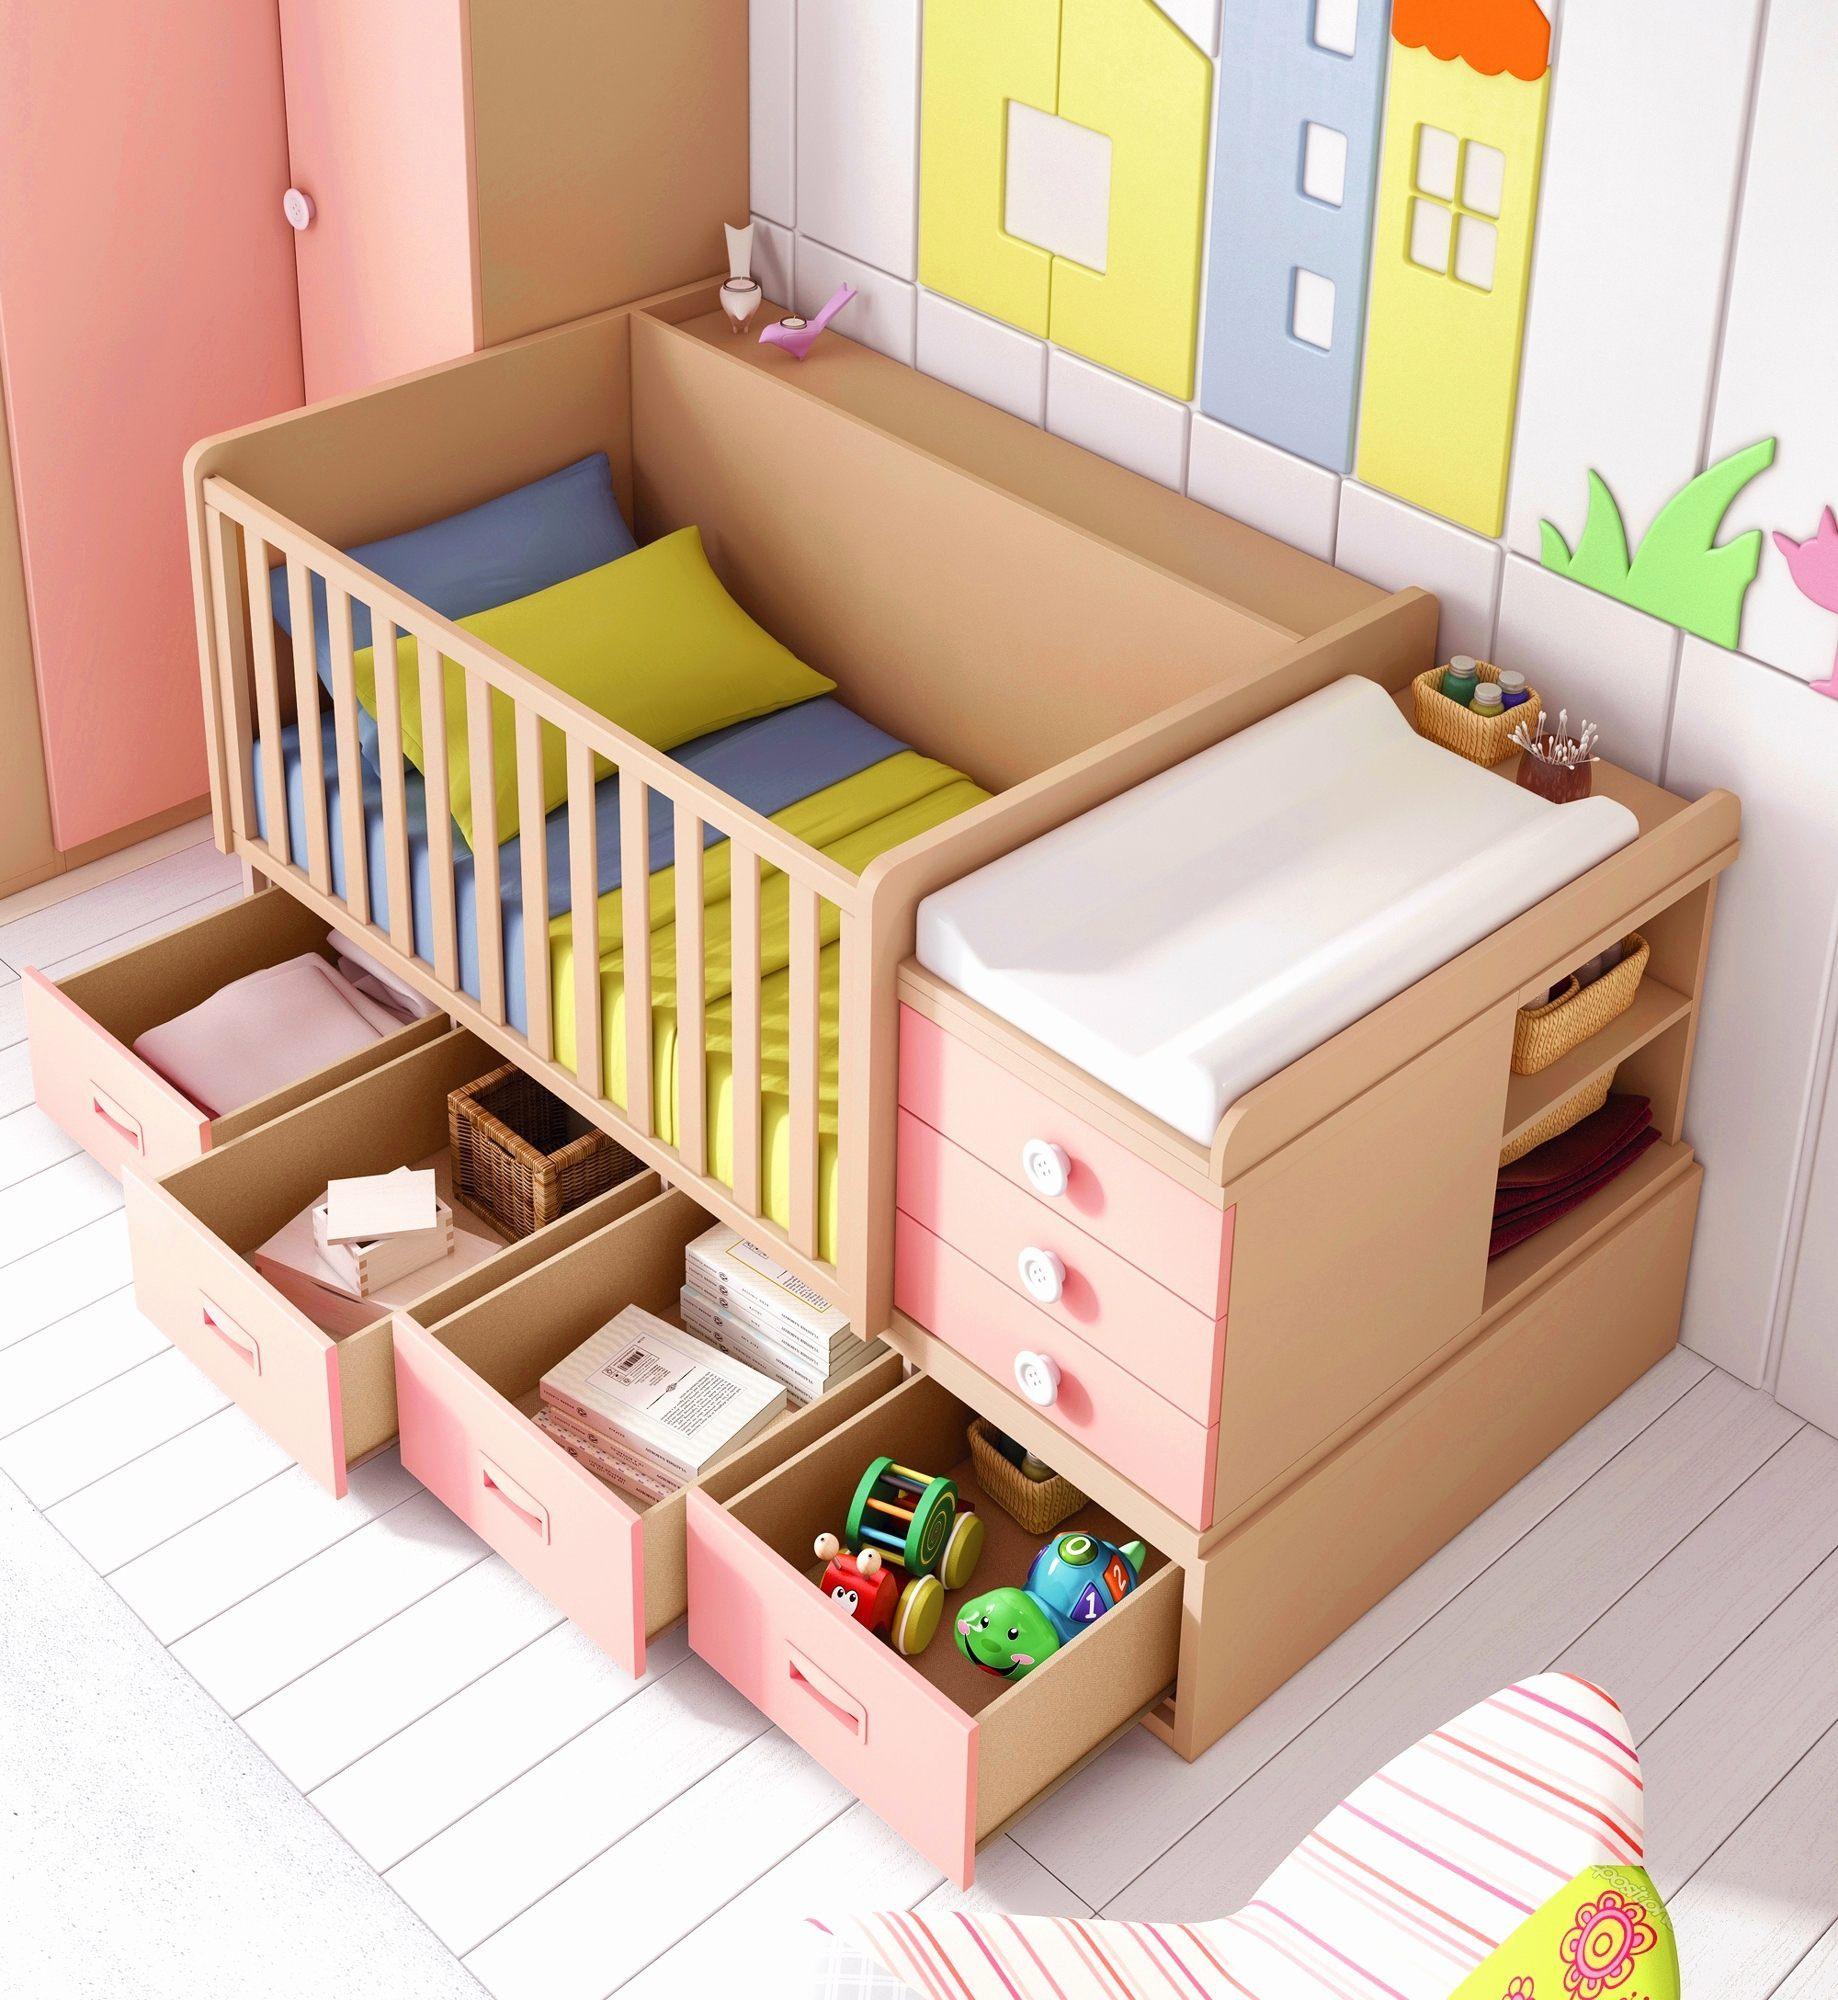 Lit Bébé Superposé Élégant Chaise Bébé Pliante Cuisine Pour Bebe Lovely Lit Ikea Bebe 12